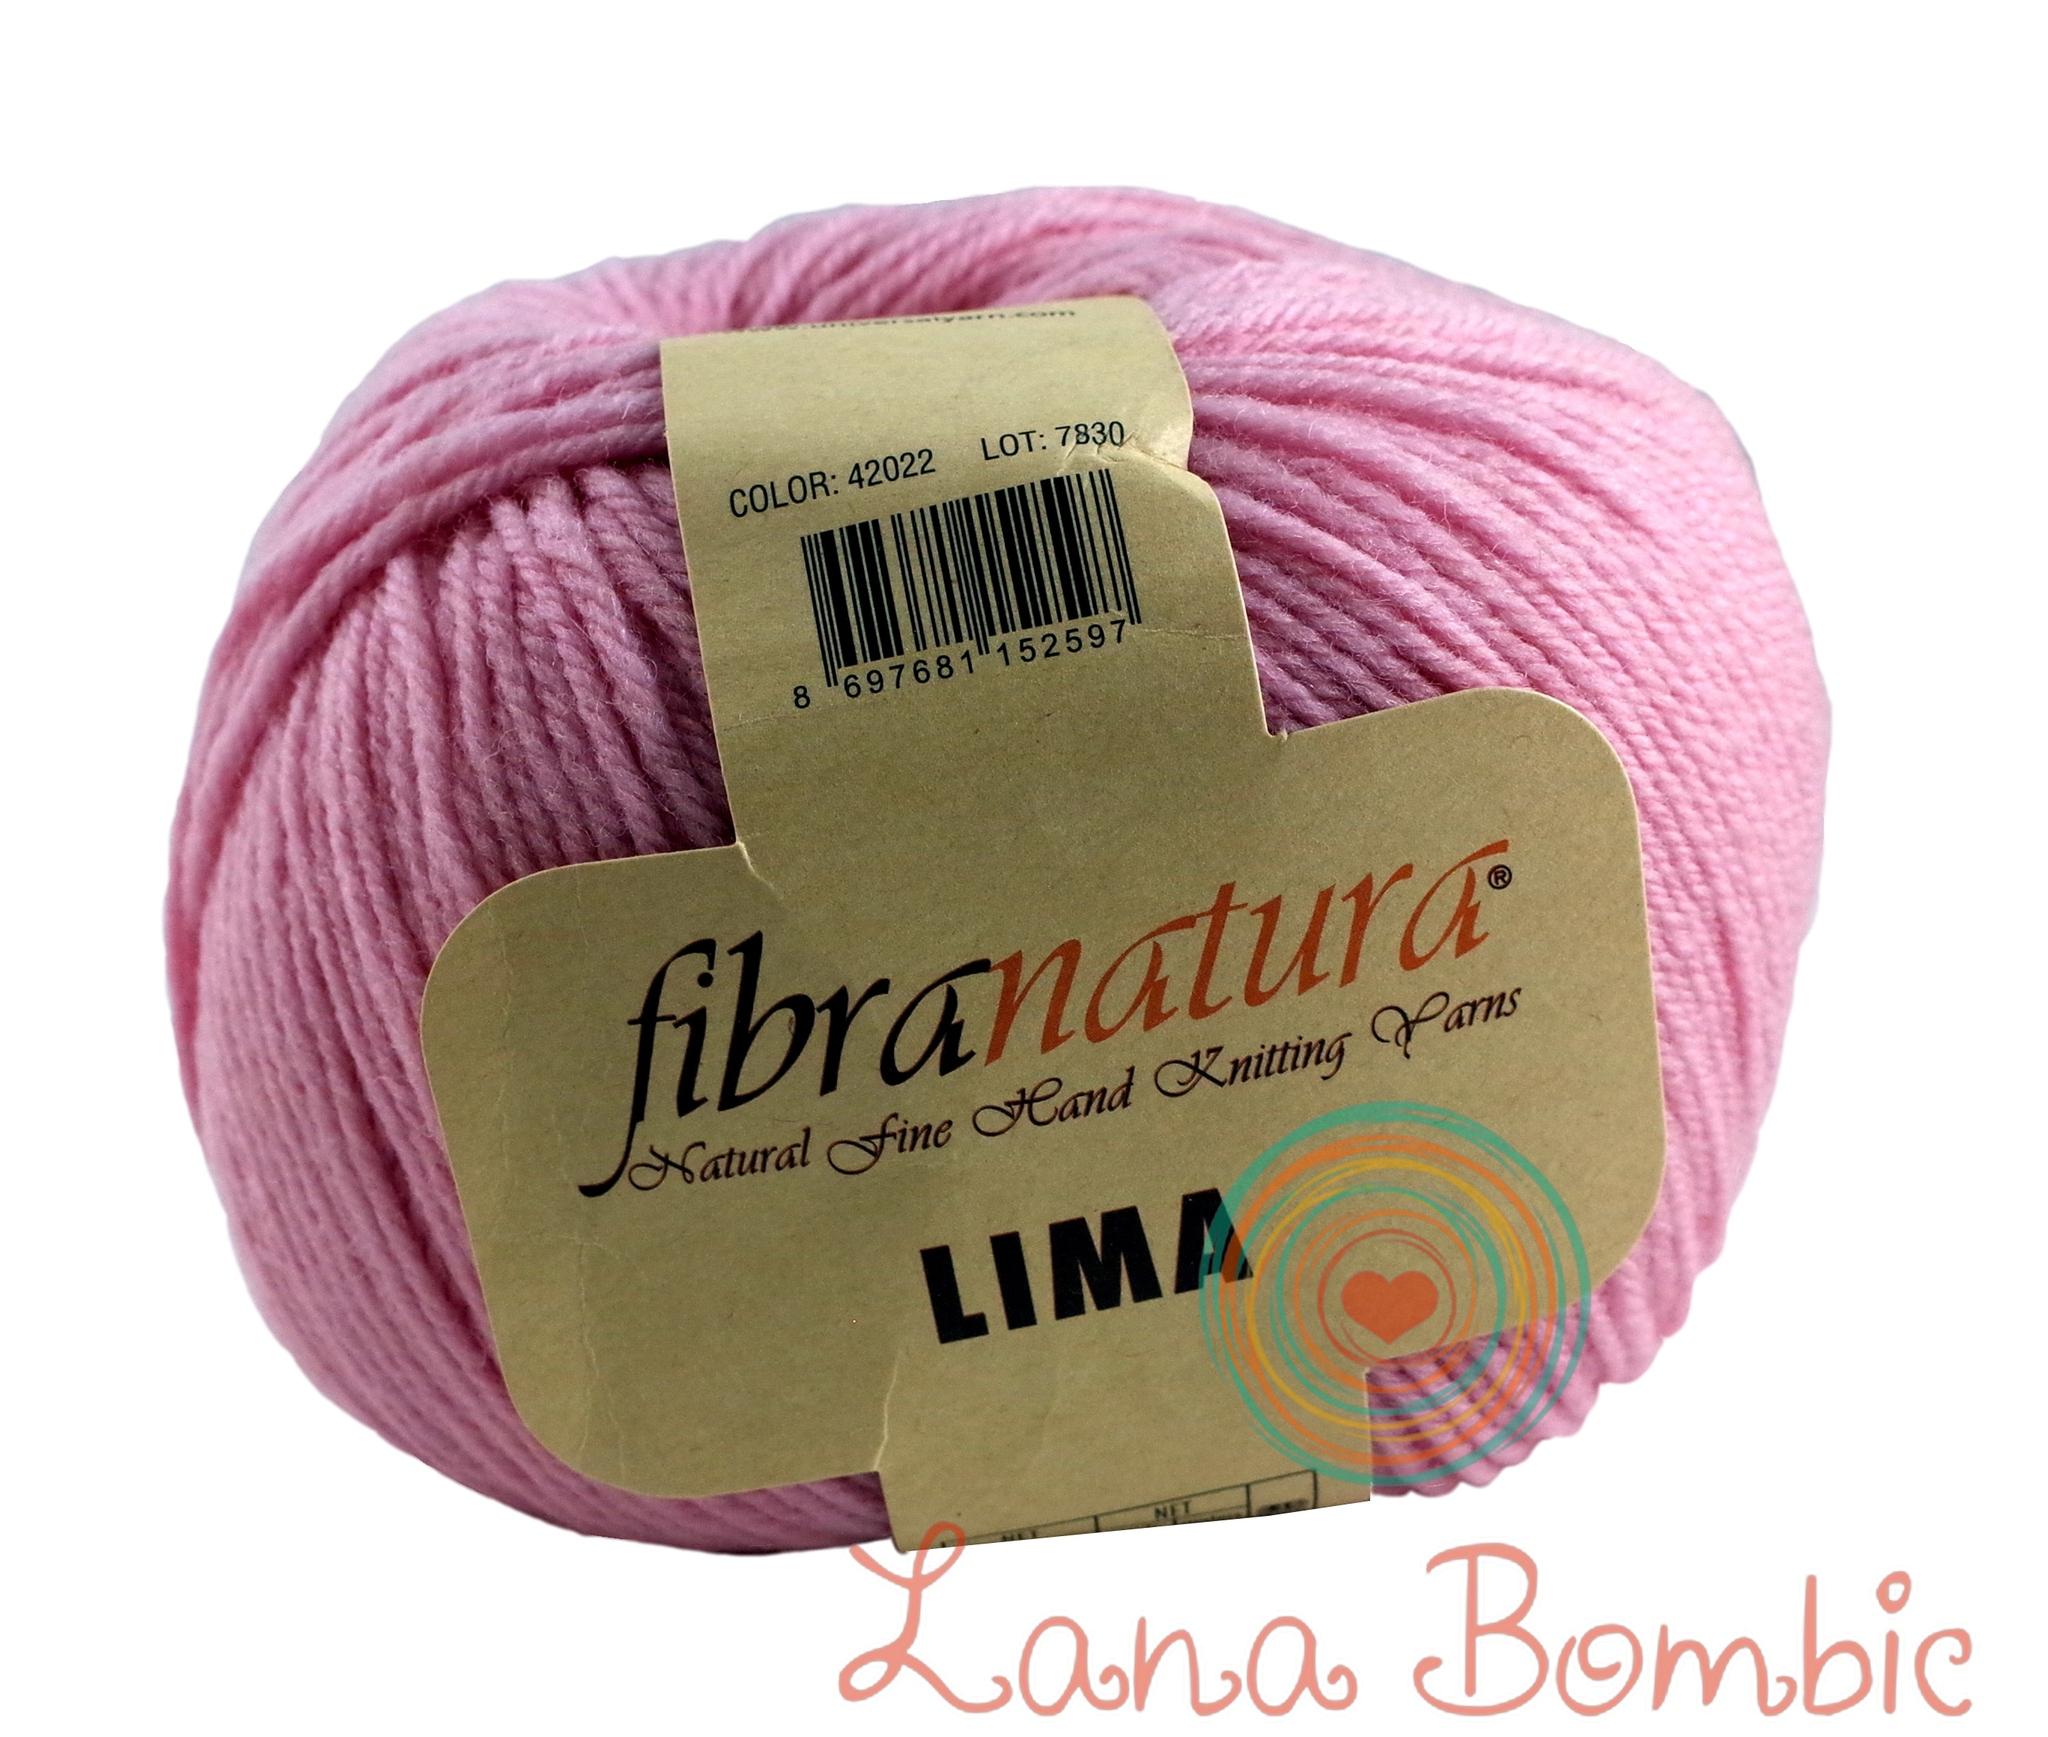 Пряжа FibraNatura Lima 42022 нежно-розовый